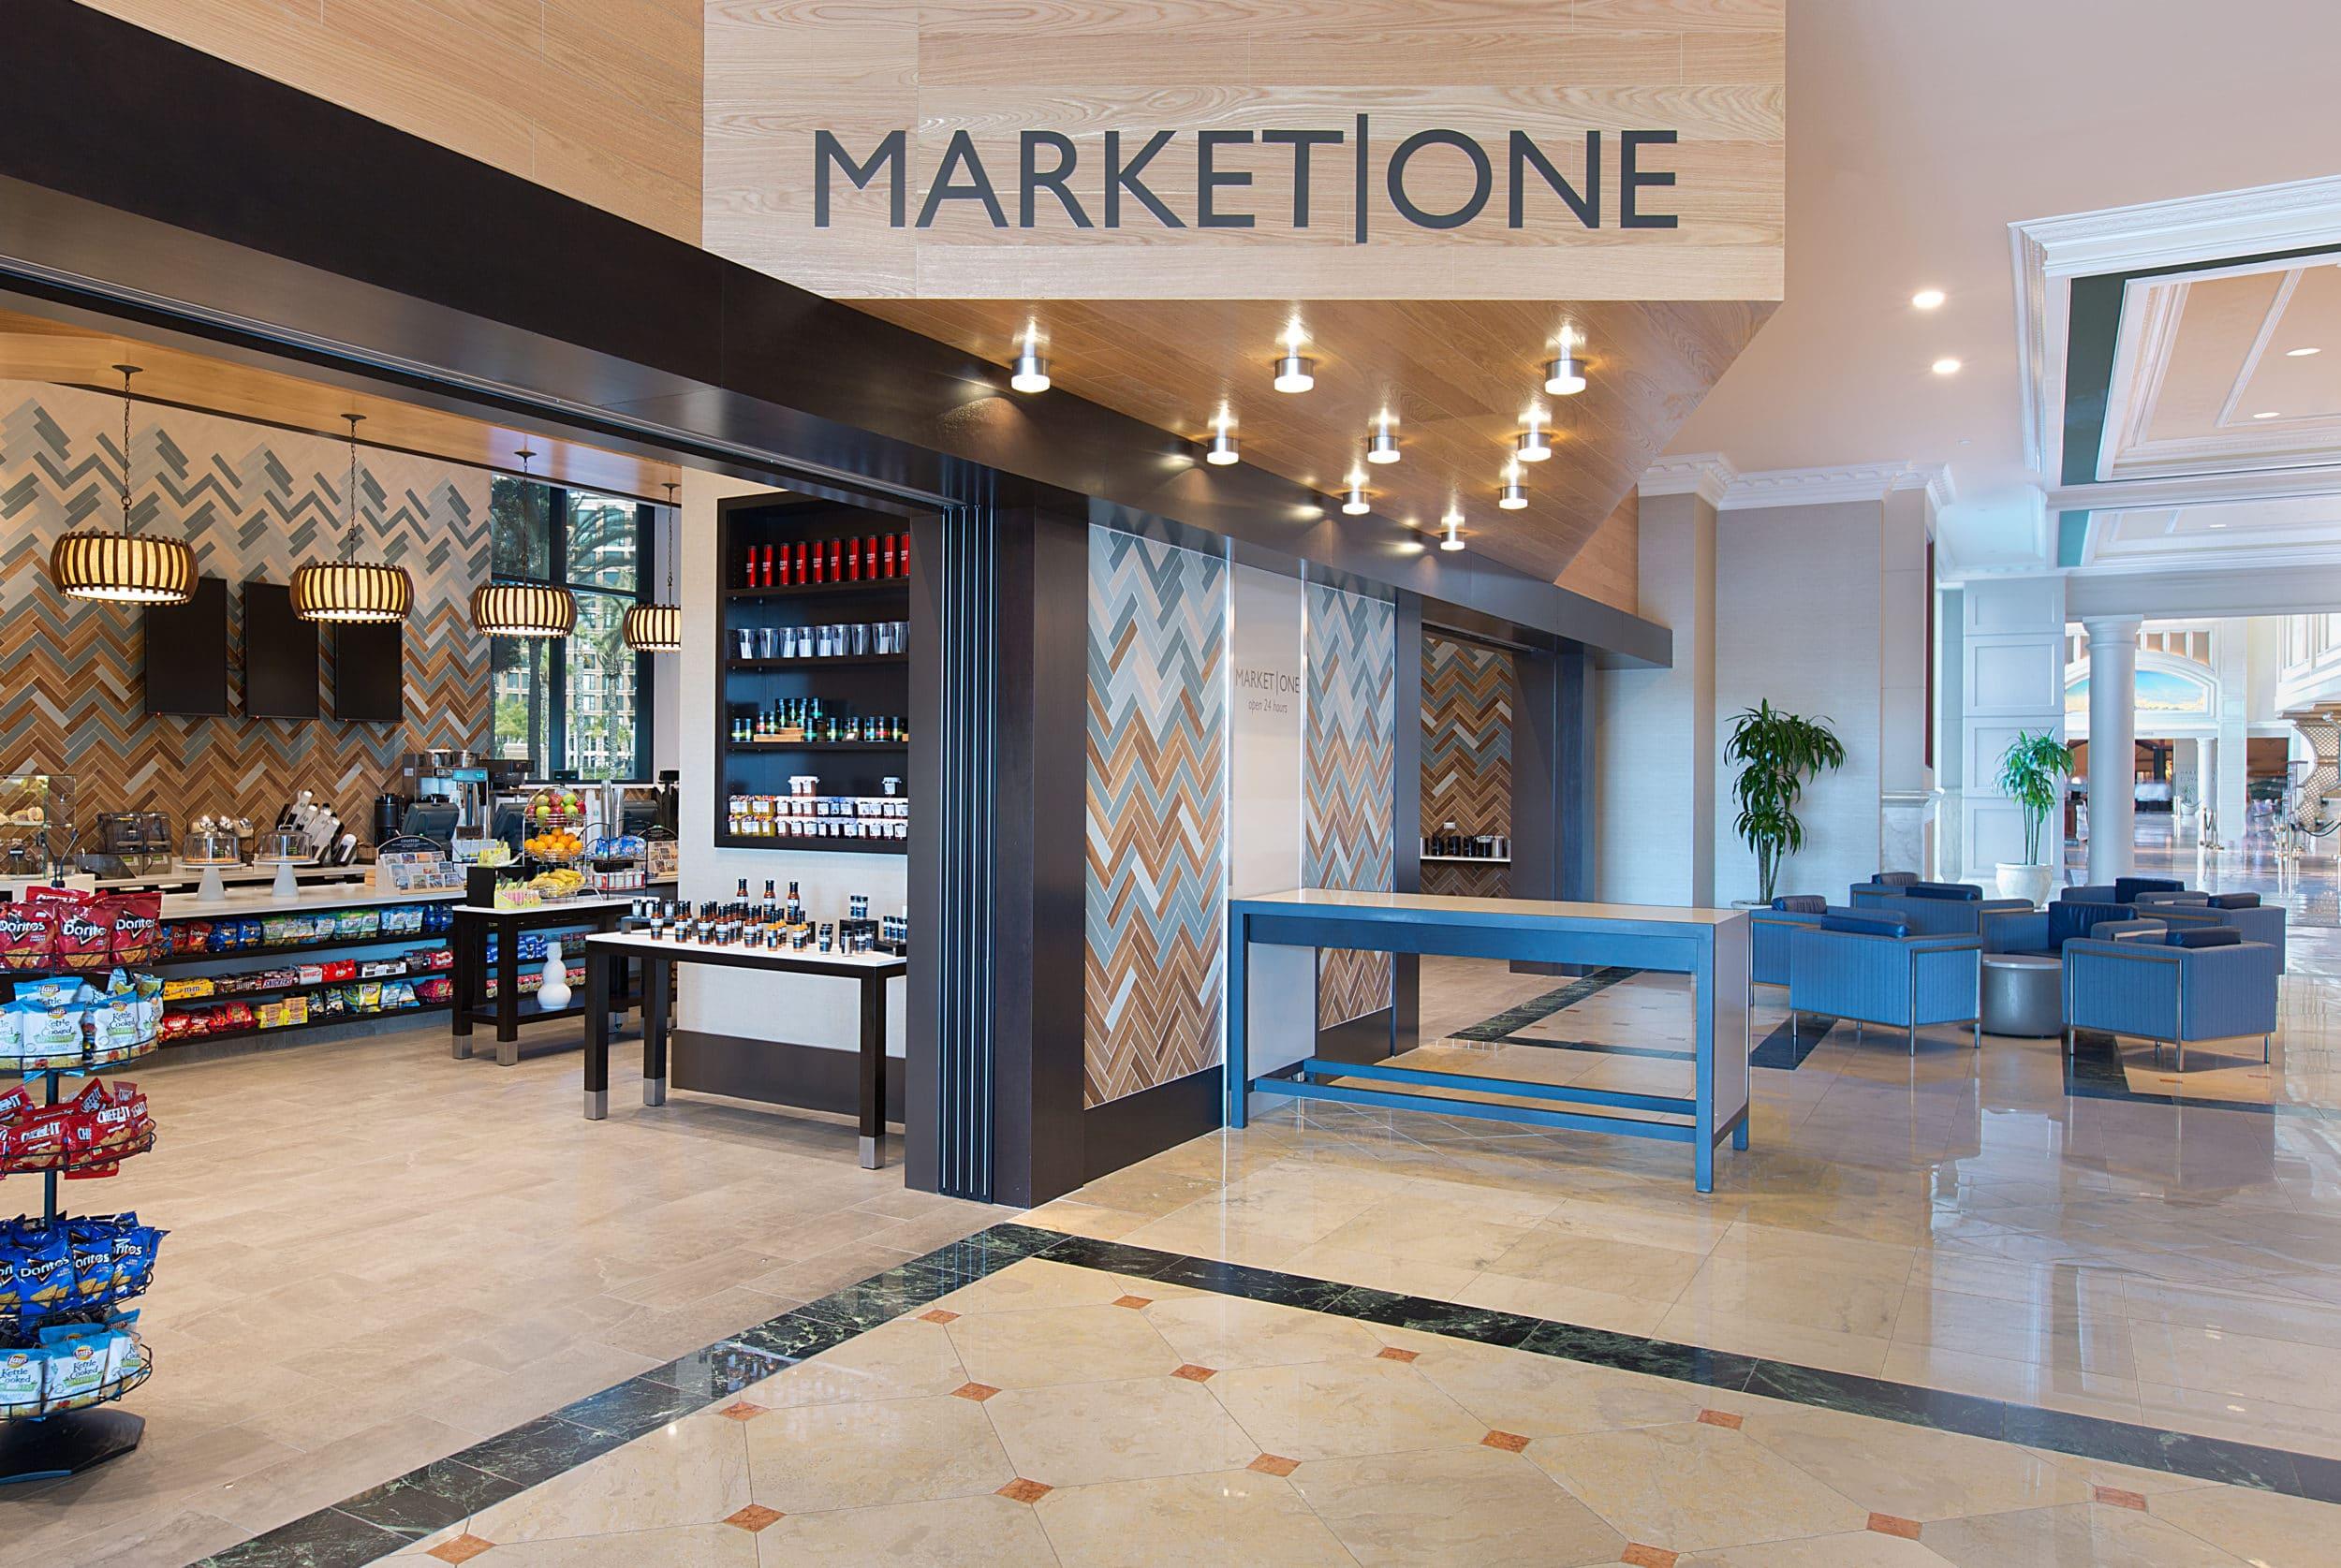 Manchester Grand Hyatt San Diego Market One